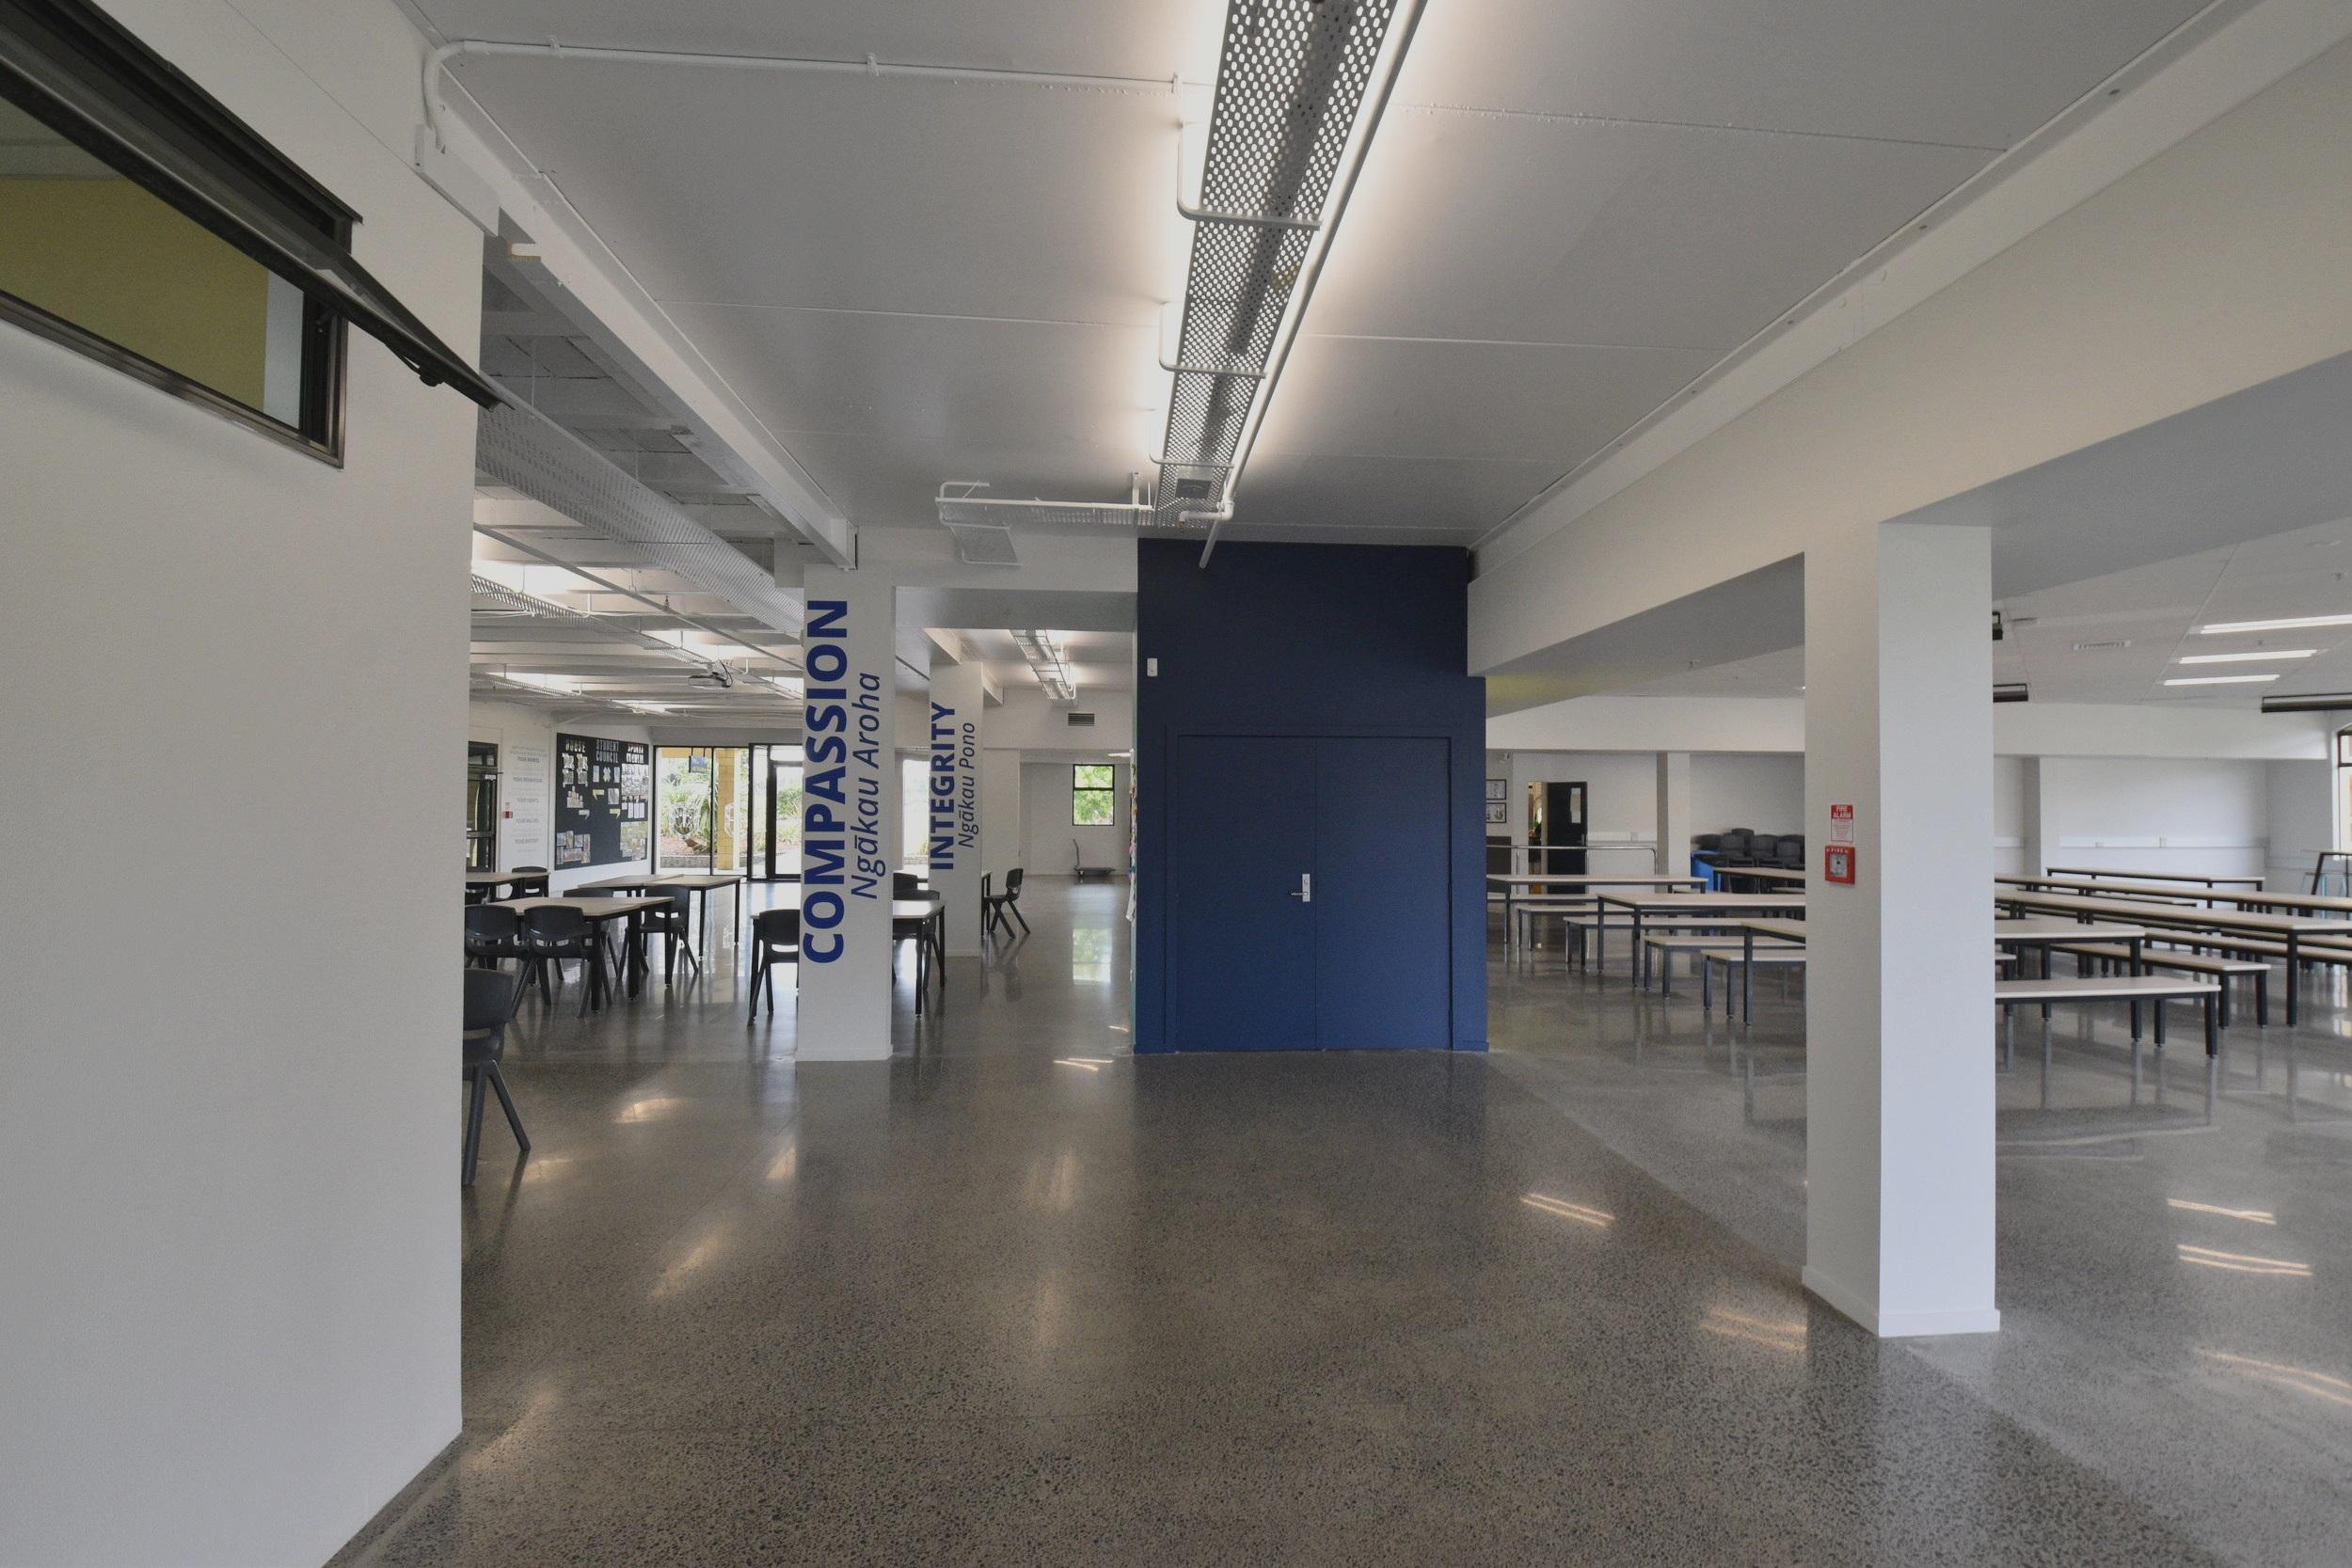 acg-cafeteria-school-college